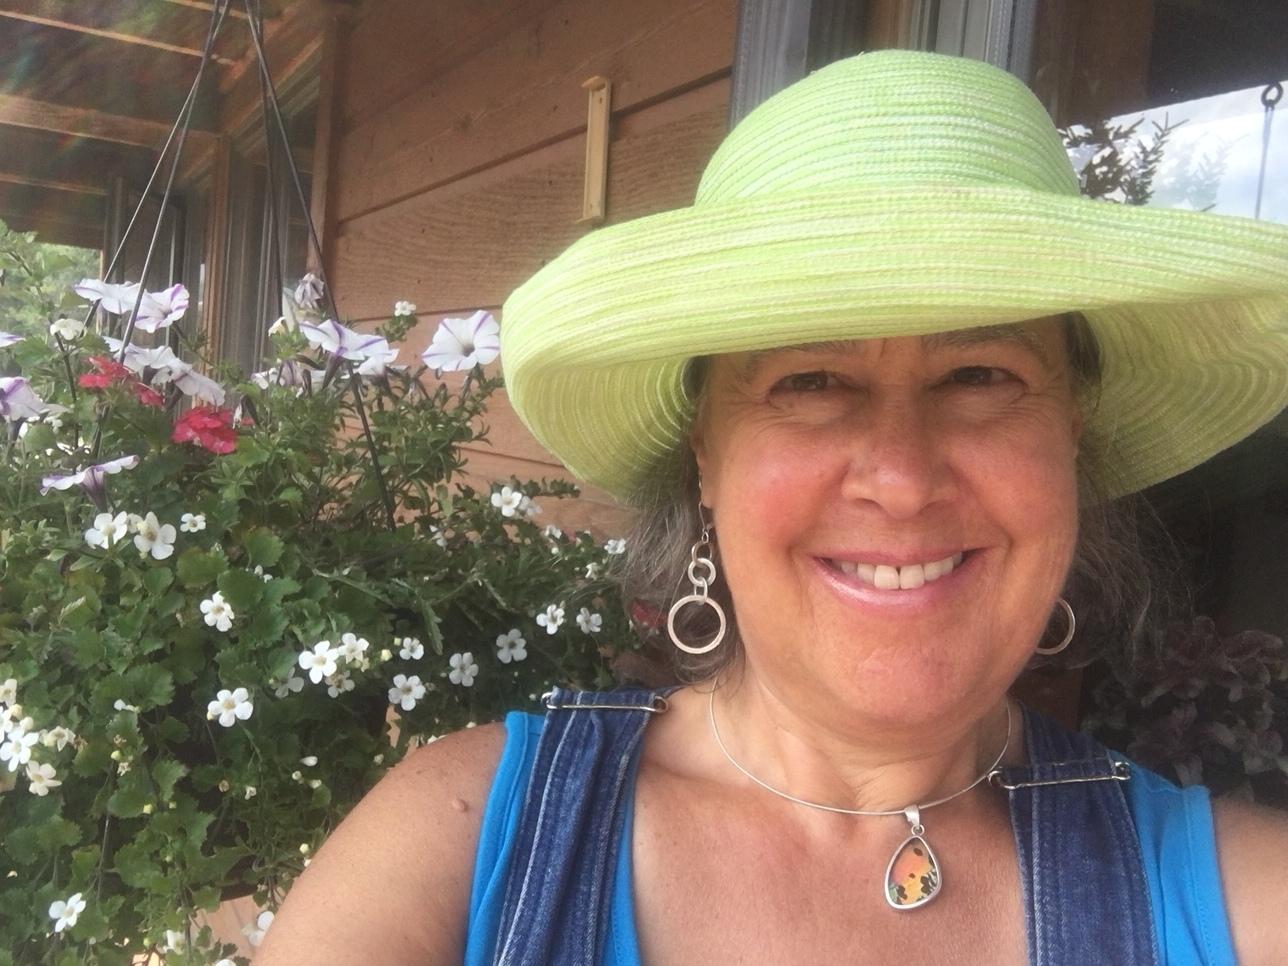 Carrie Evans, LCSW - Psychotherapist in Boulder & NederlandTame Your Rhino LLC720.260.2901http://www.tameyourrhino.com/